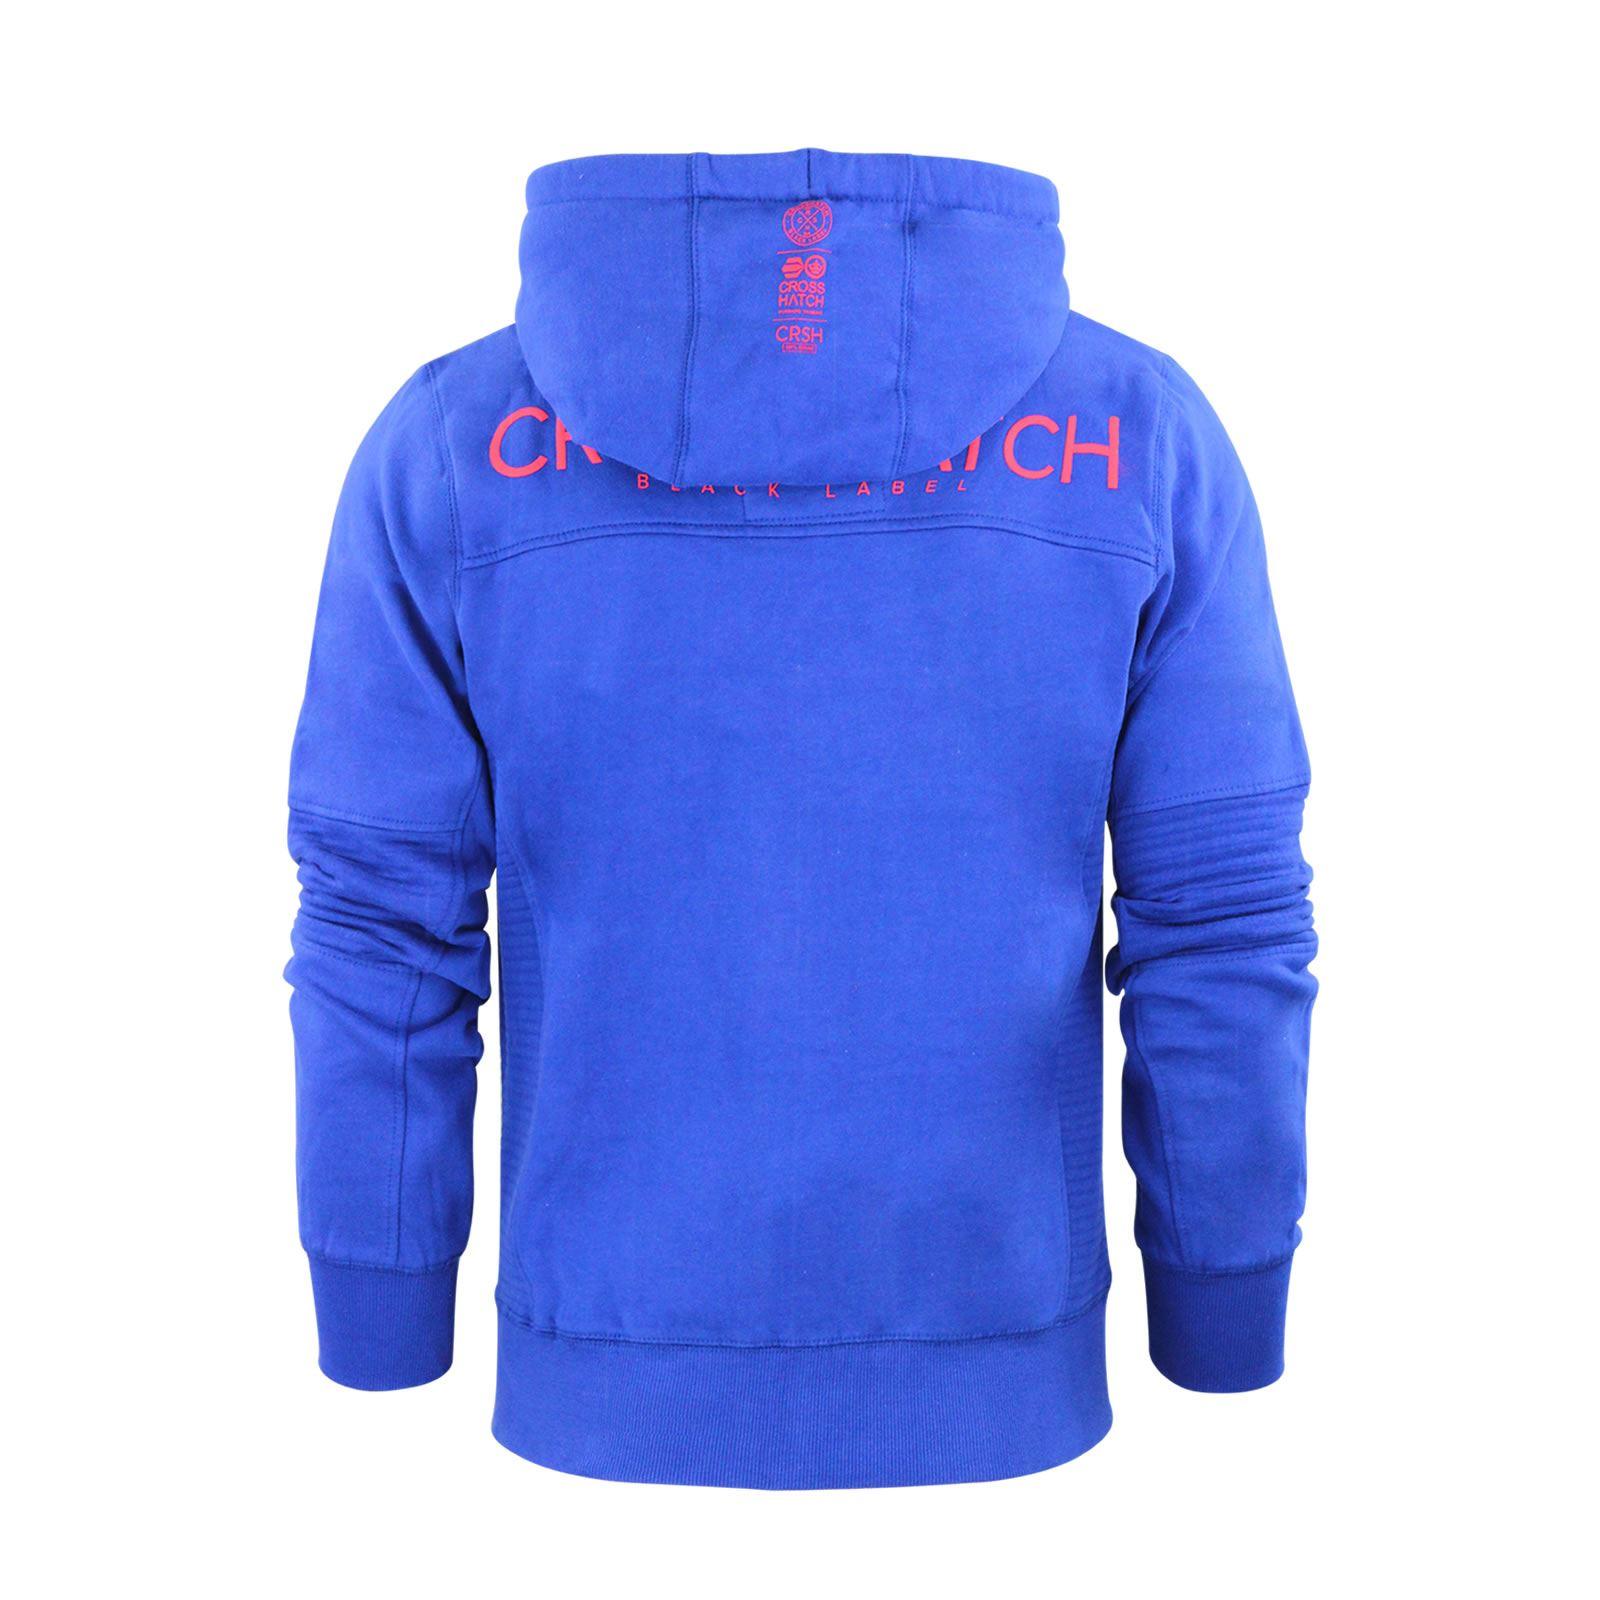 Mens-Hoodie-Crosshatch-Ribbler-Zip-Up-Hooded-Jacket-Pullover-Jumper-Sweatershirt thumbnail 16